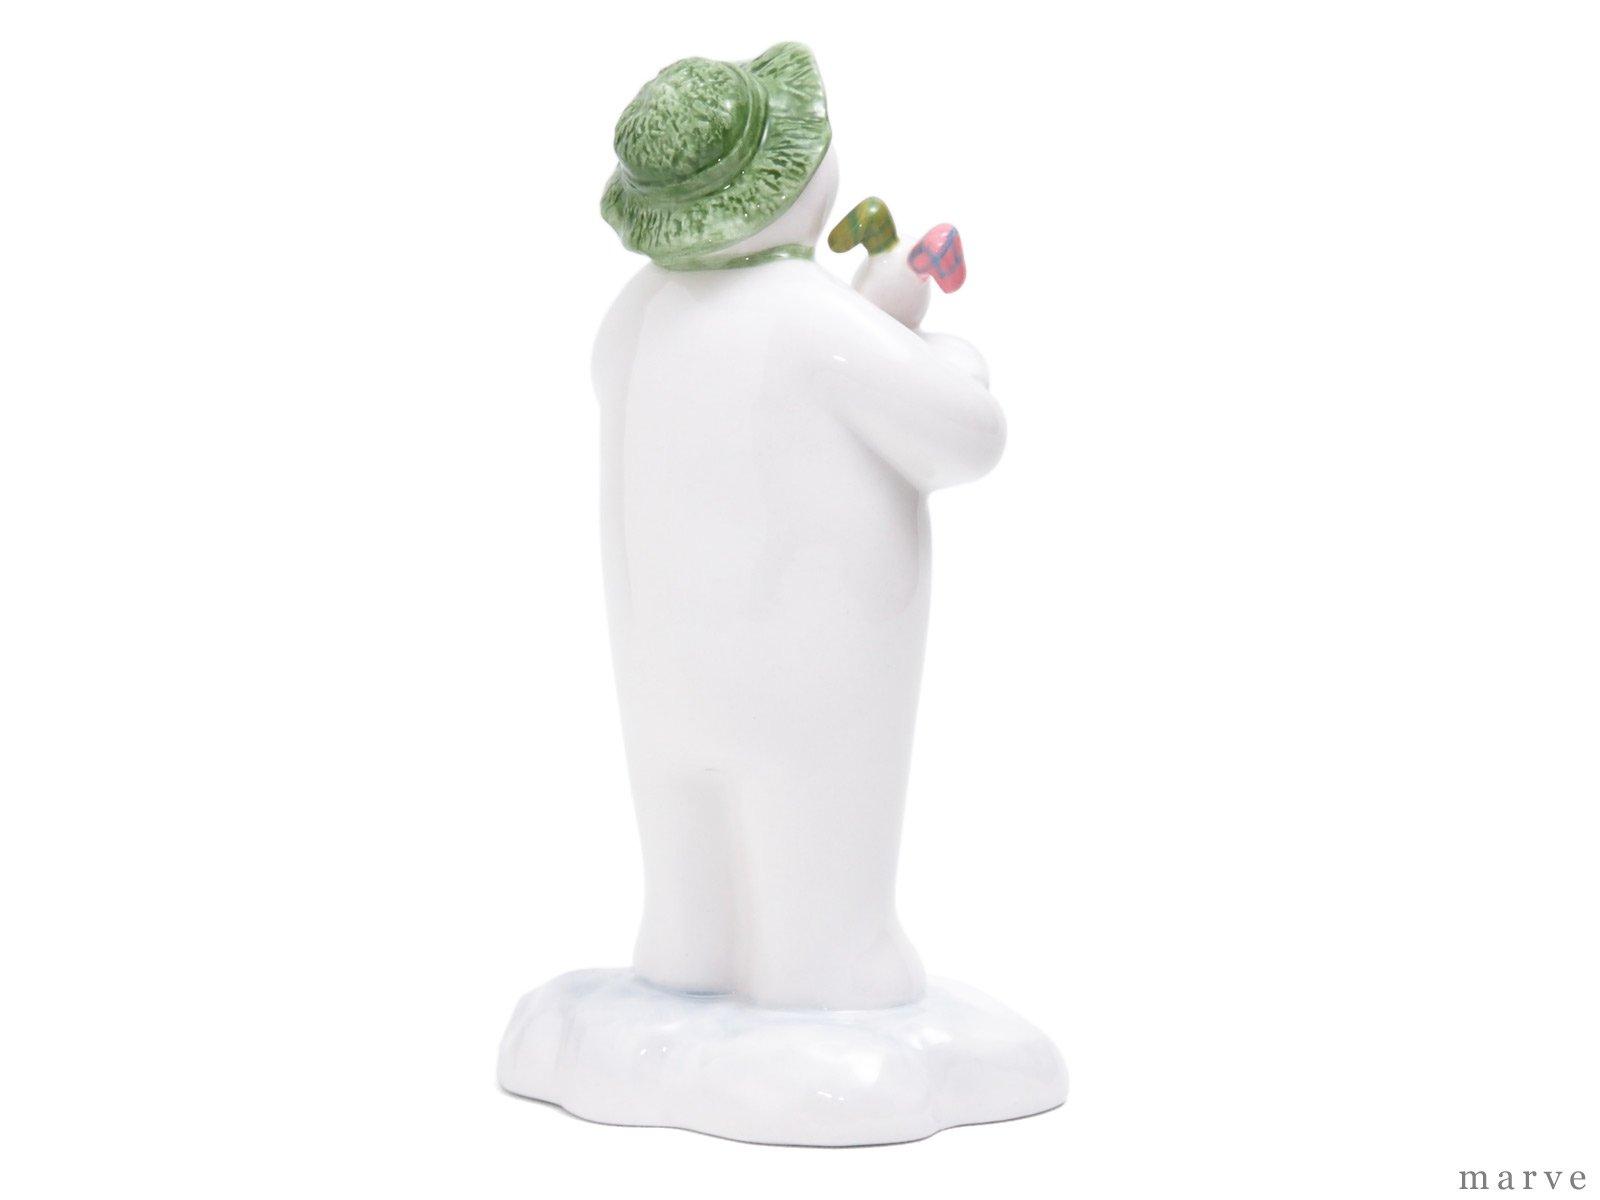 The Snowman フィギュリン スノードッグを抱くスノーマン